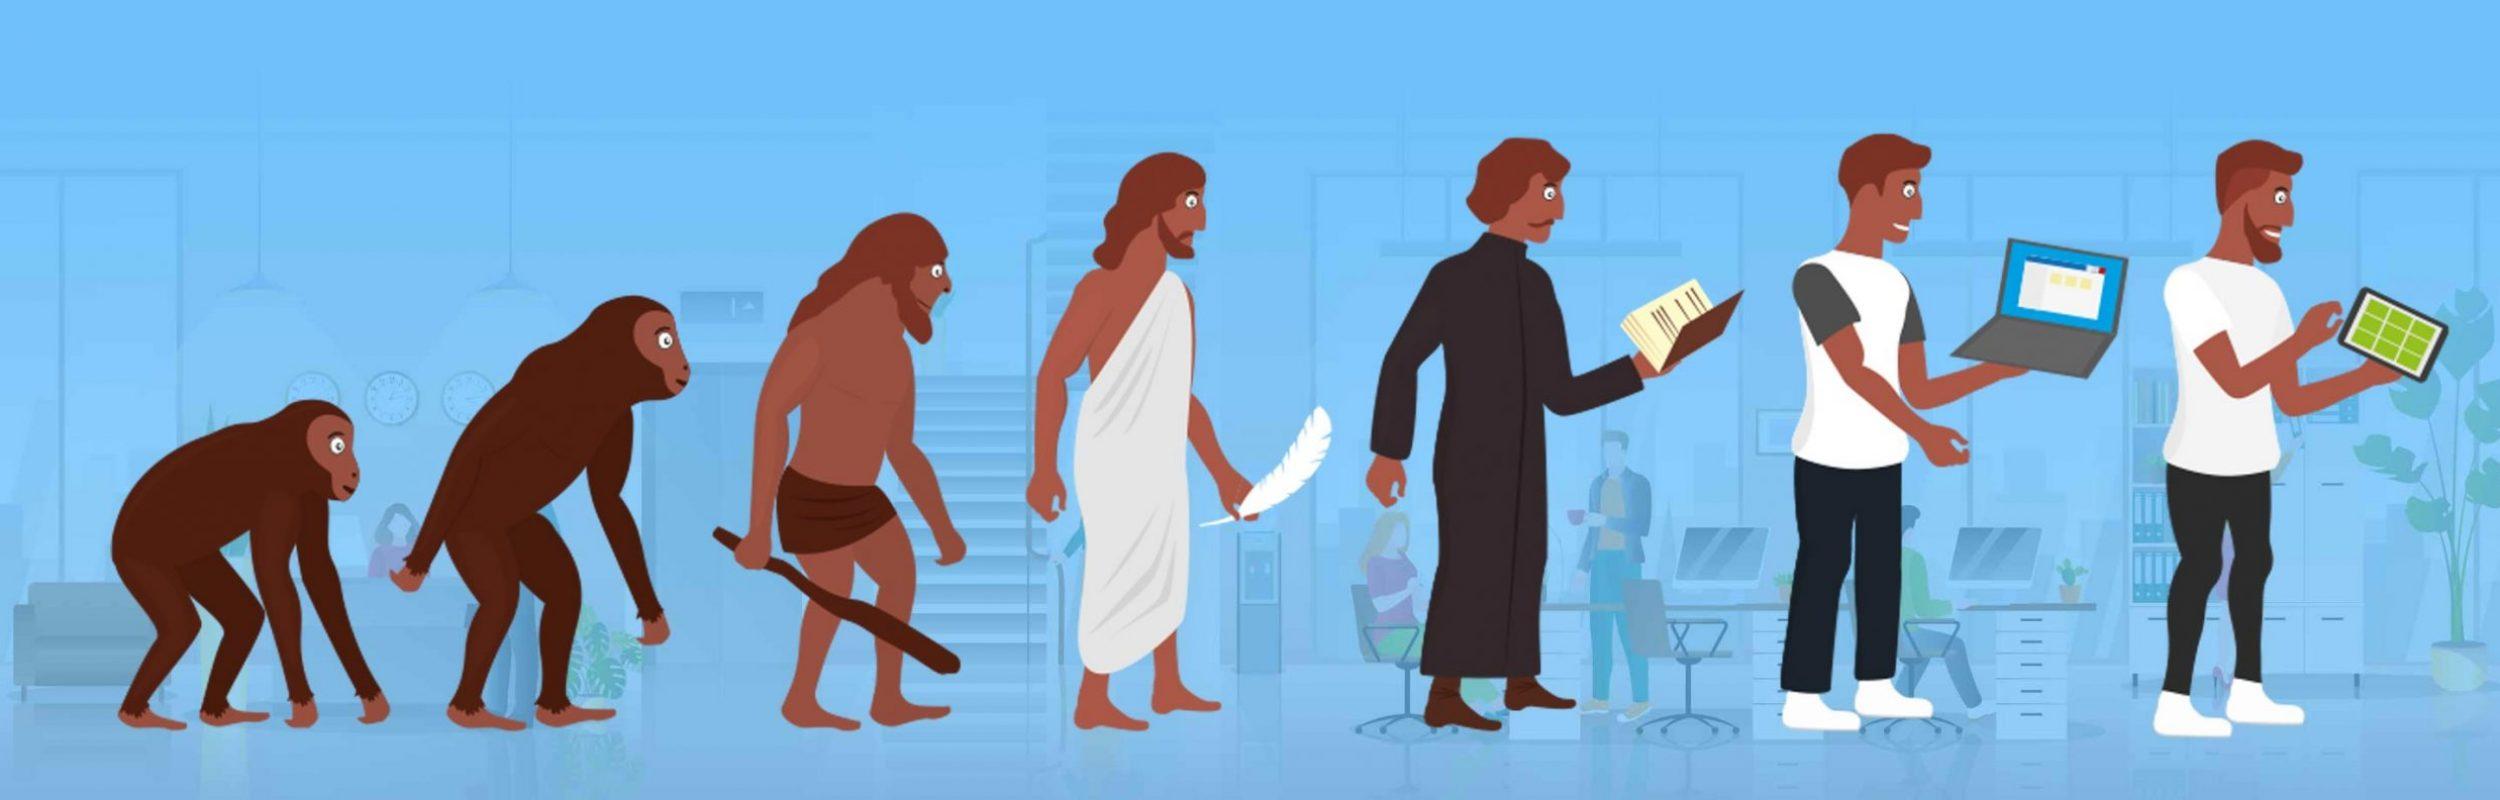 Vom homo sapiens zum homo ludens.